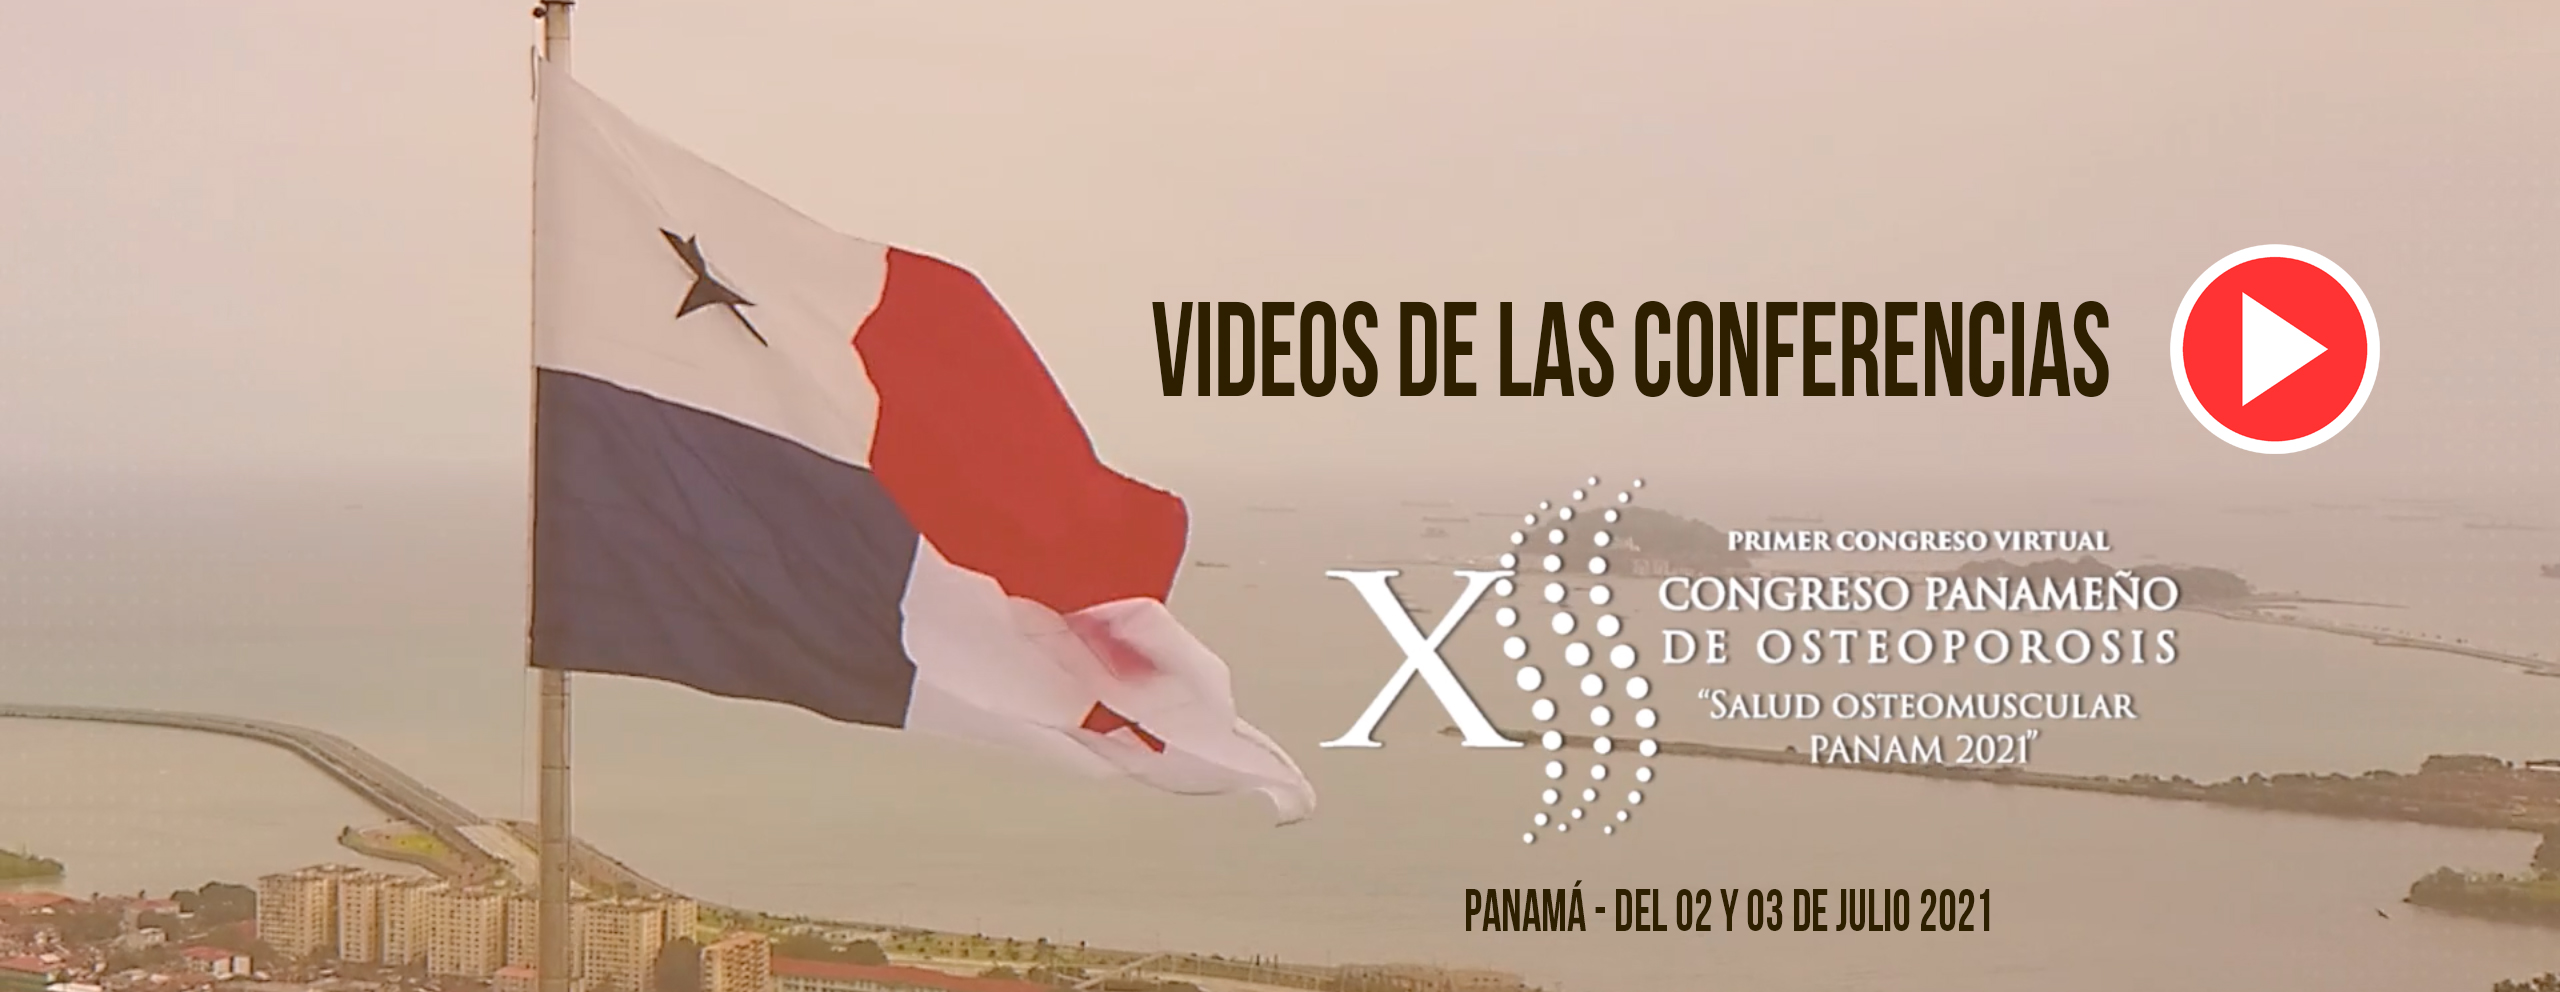 videos-conferencias